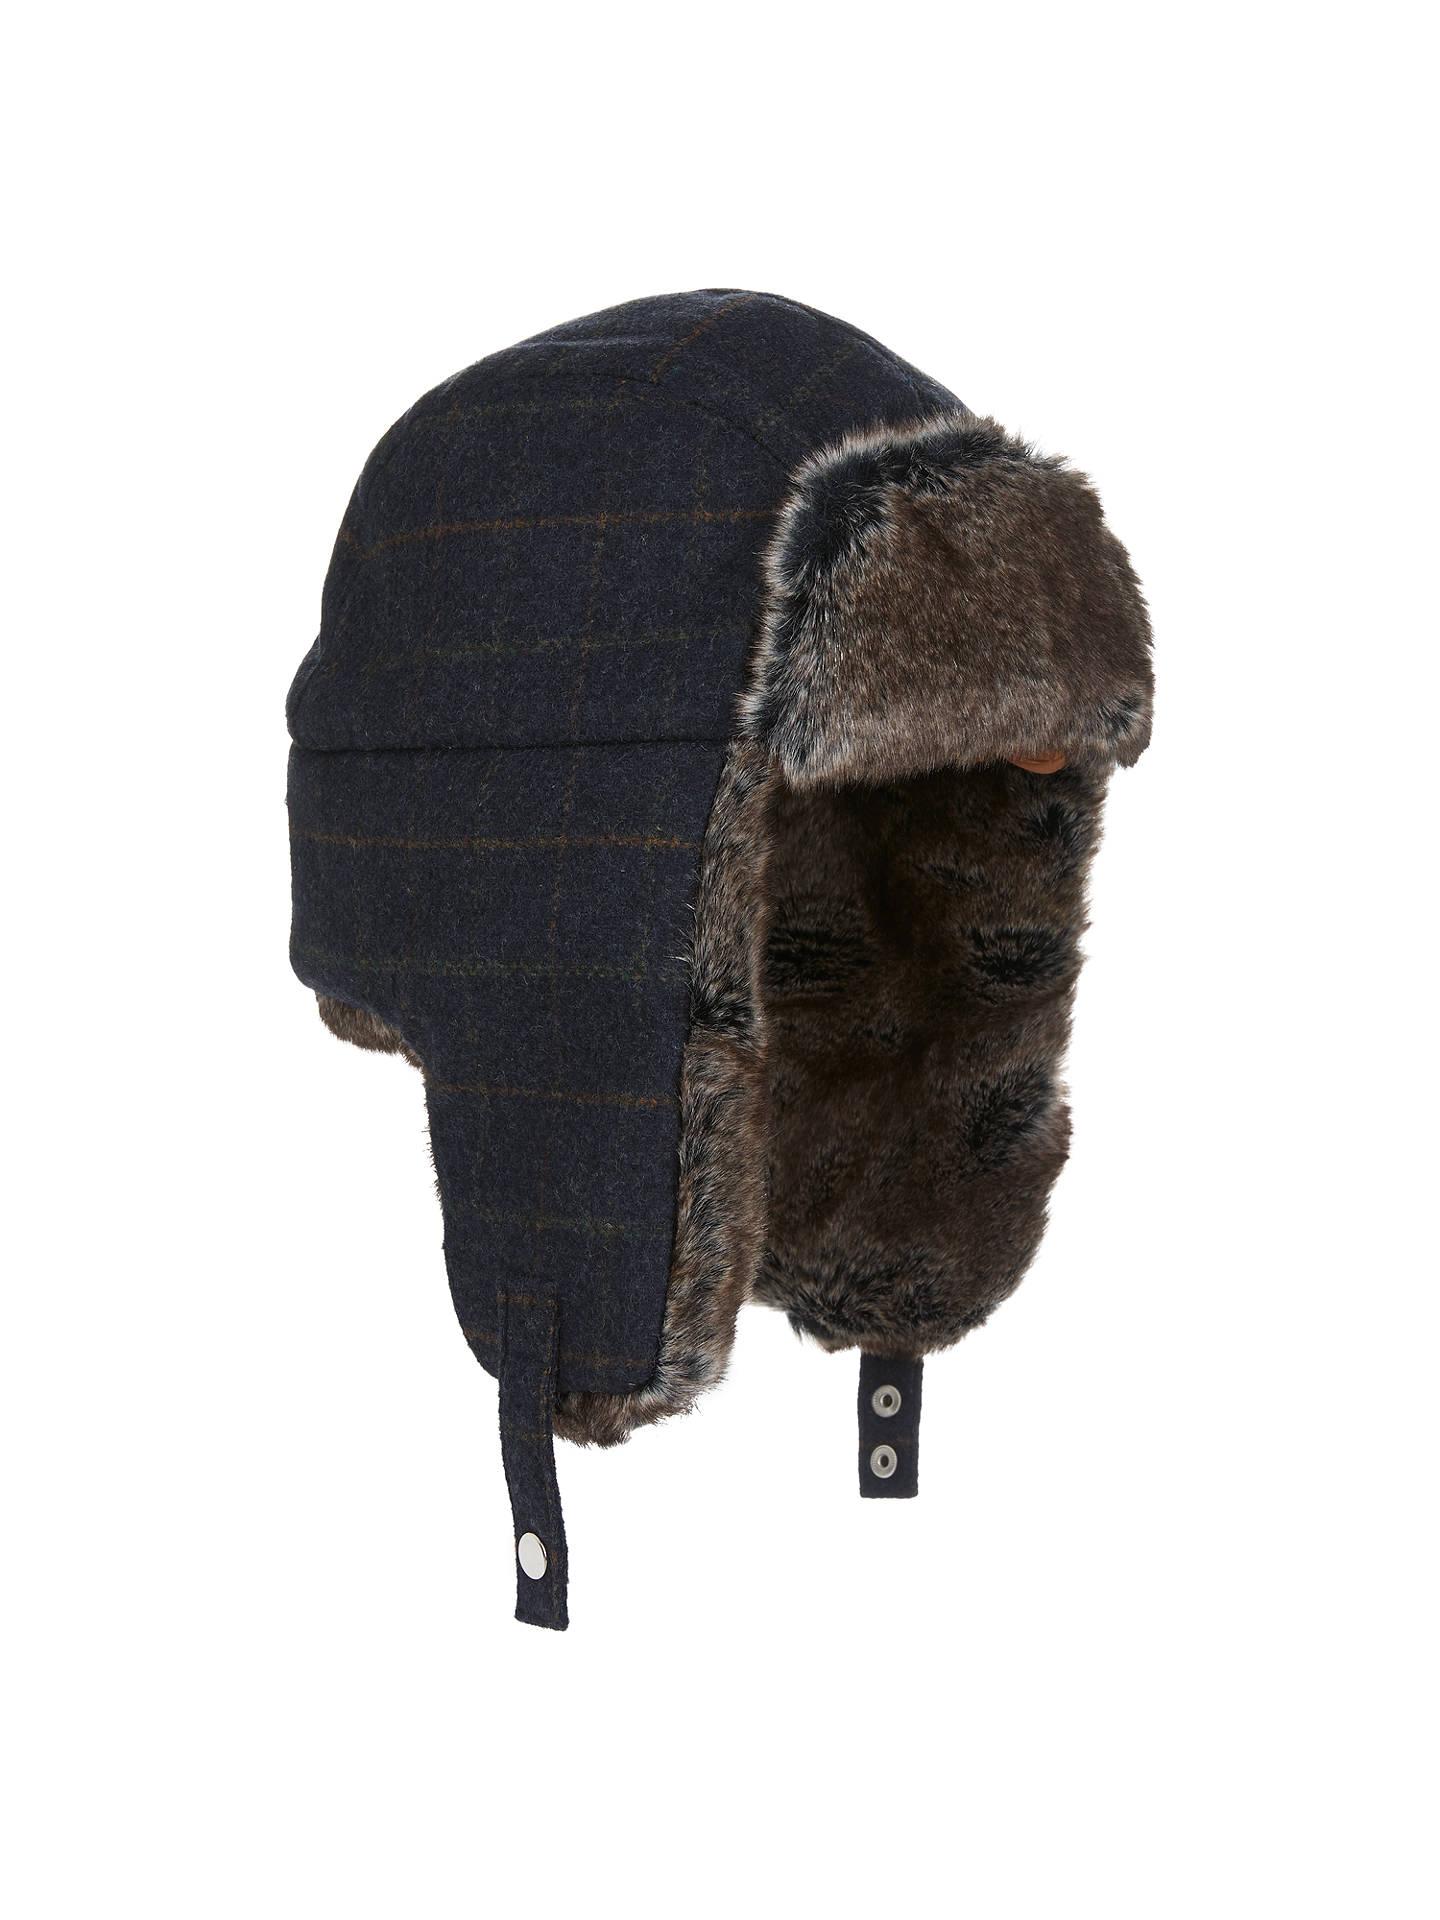 BuyJohn Lewis Check Trapper Hat 46f5a64e879